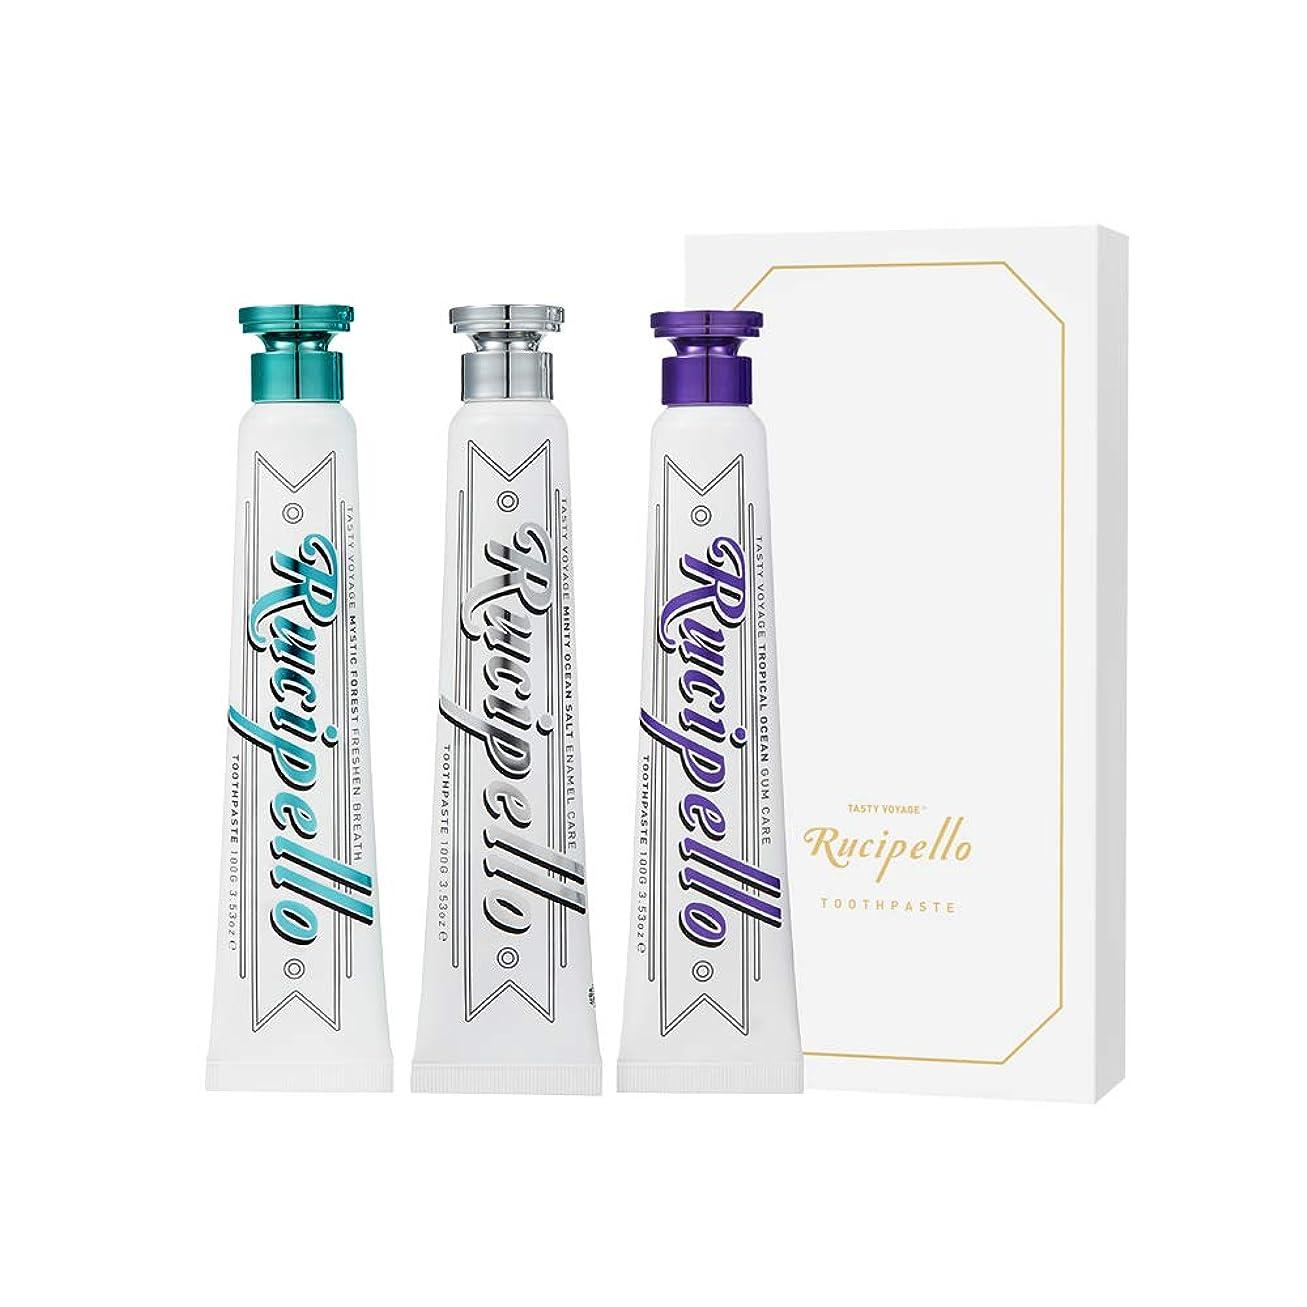 インフラクロニクルレーザ[ルチペッロ] Rucipello 歯磨き粉3種のプレゼントセット 100g x 3 本 (海外直送品)